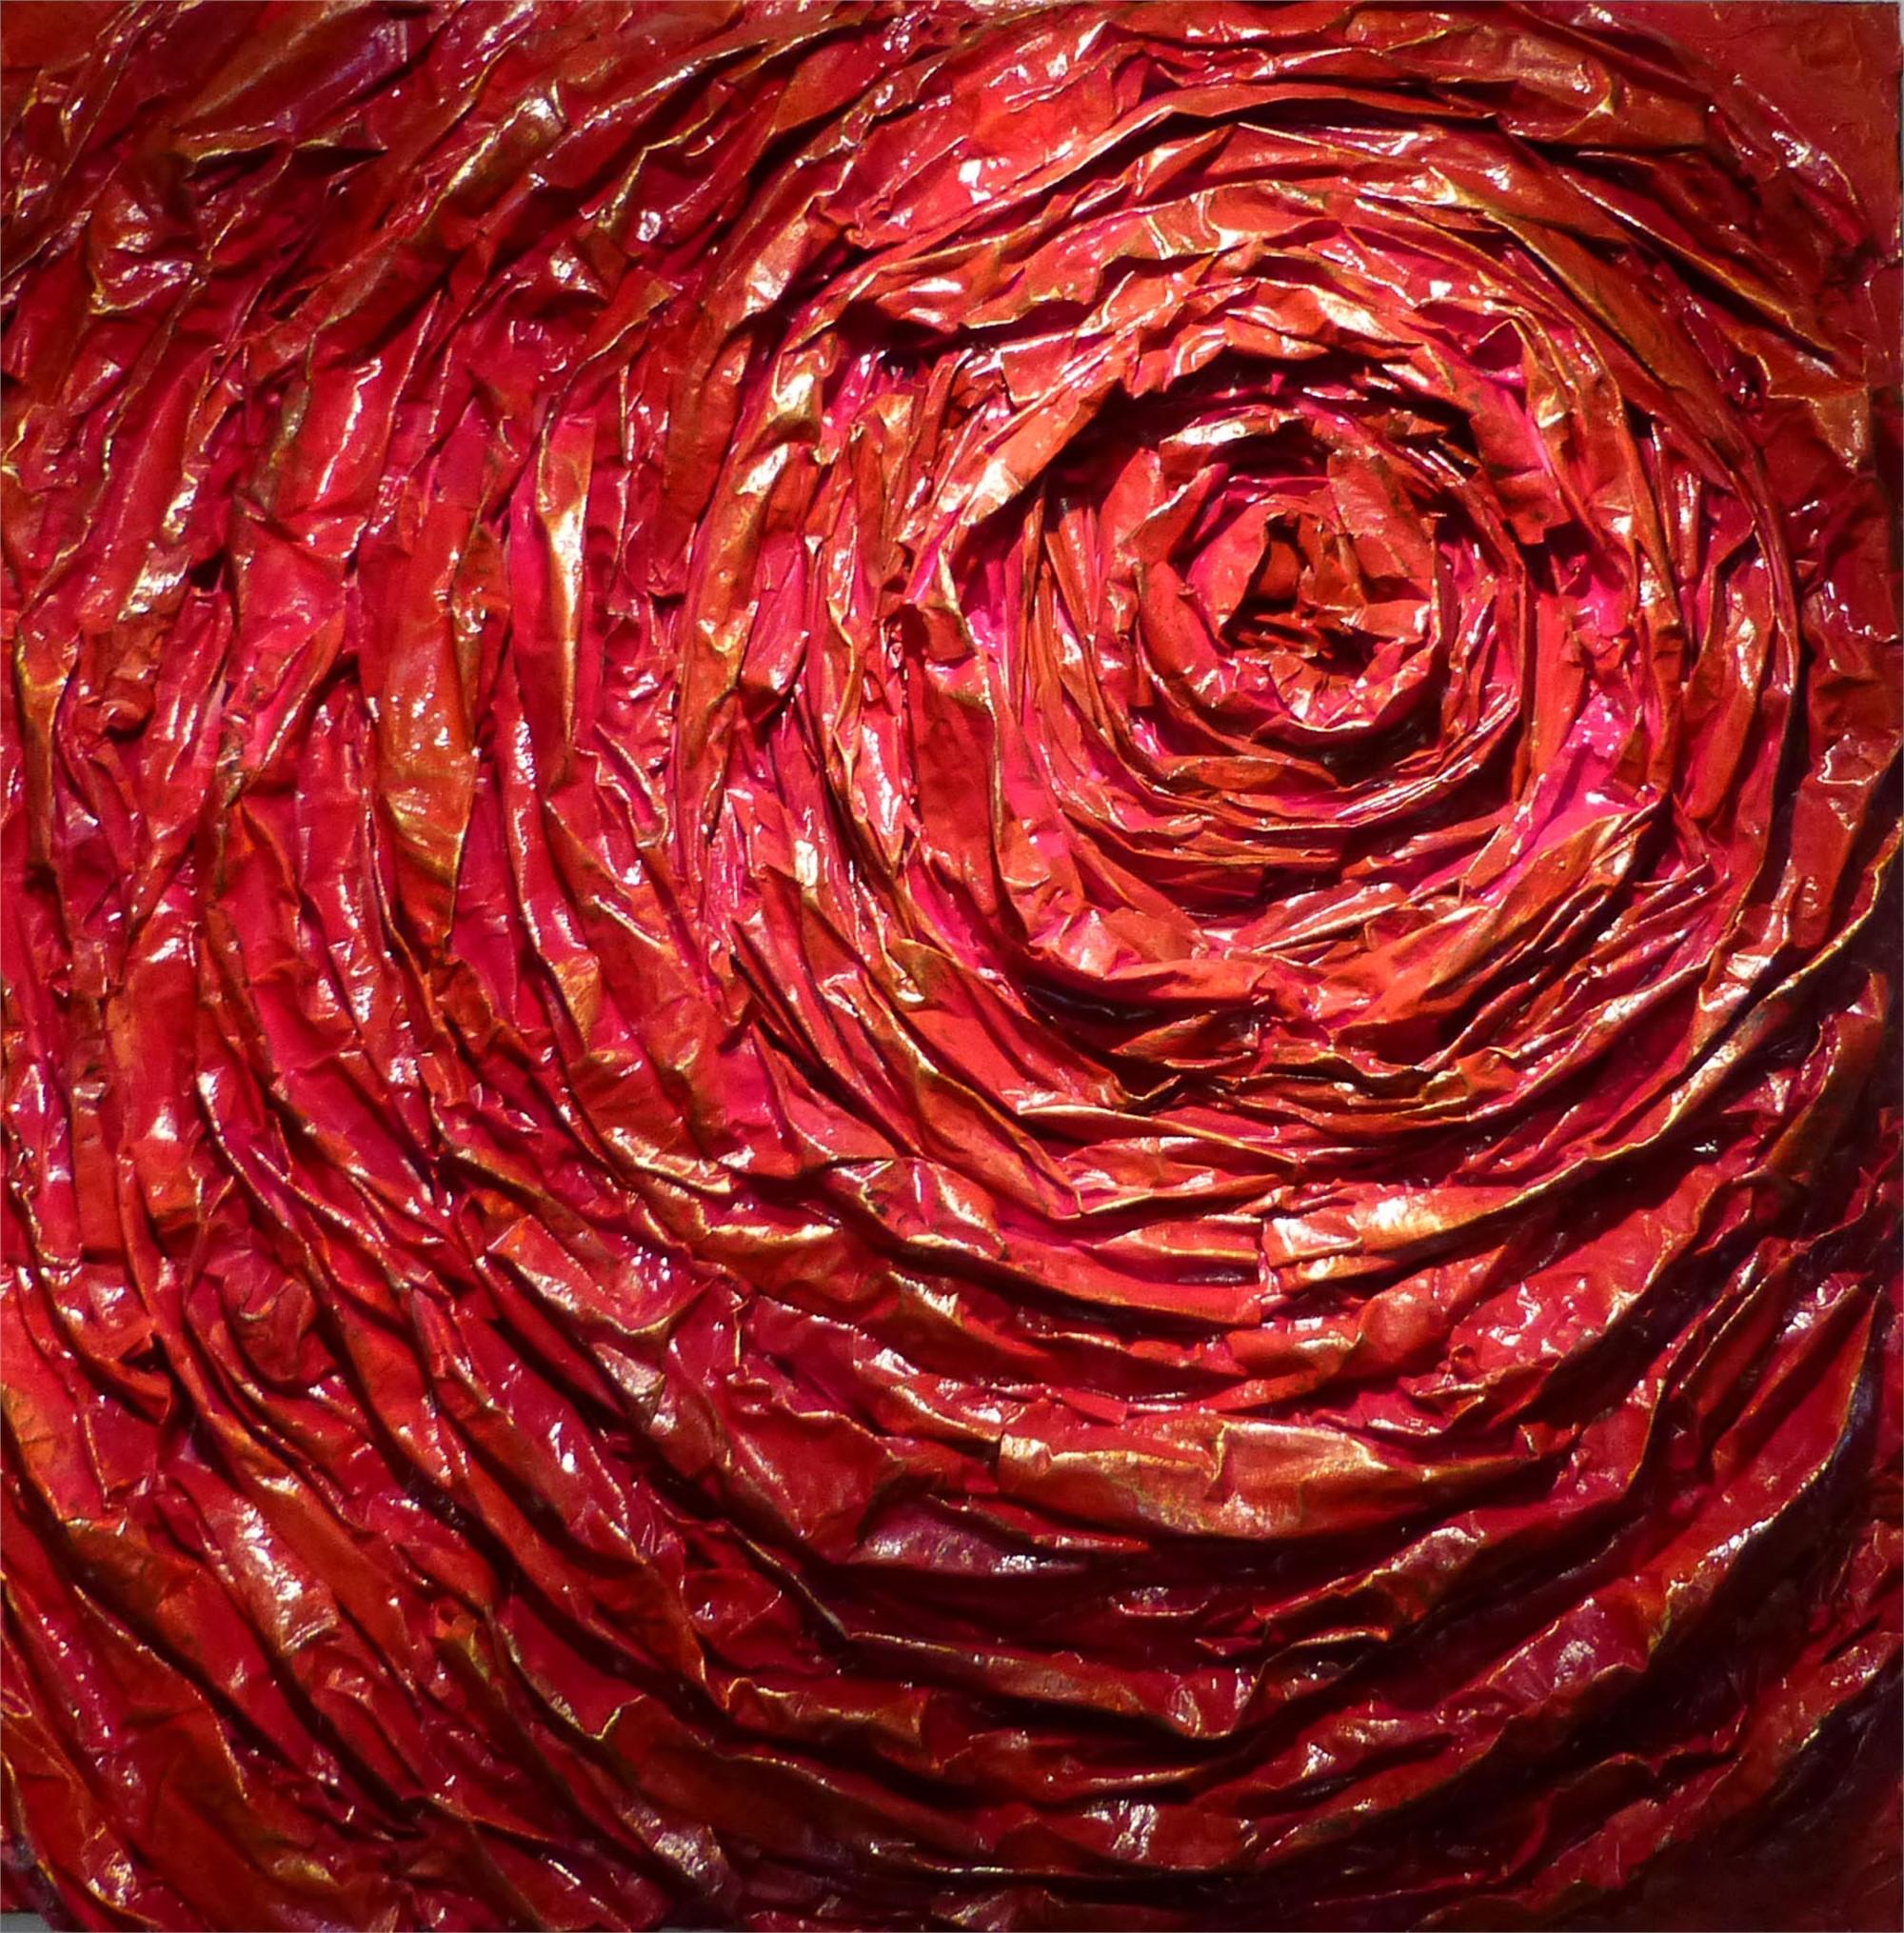 Final Rose, 2016 by Sabine Stromeyer